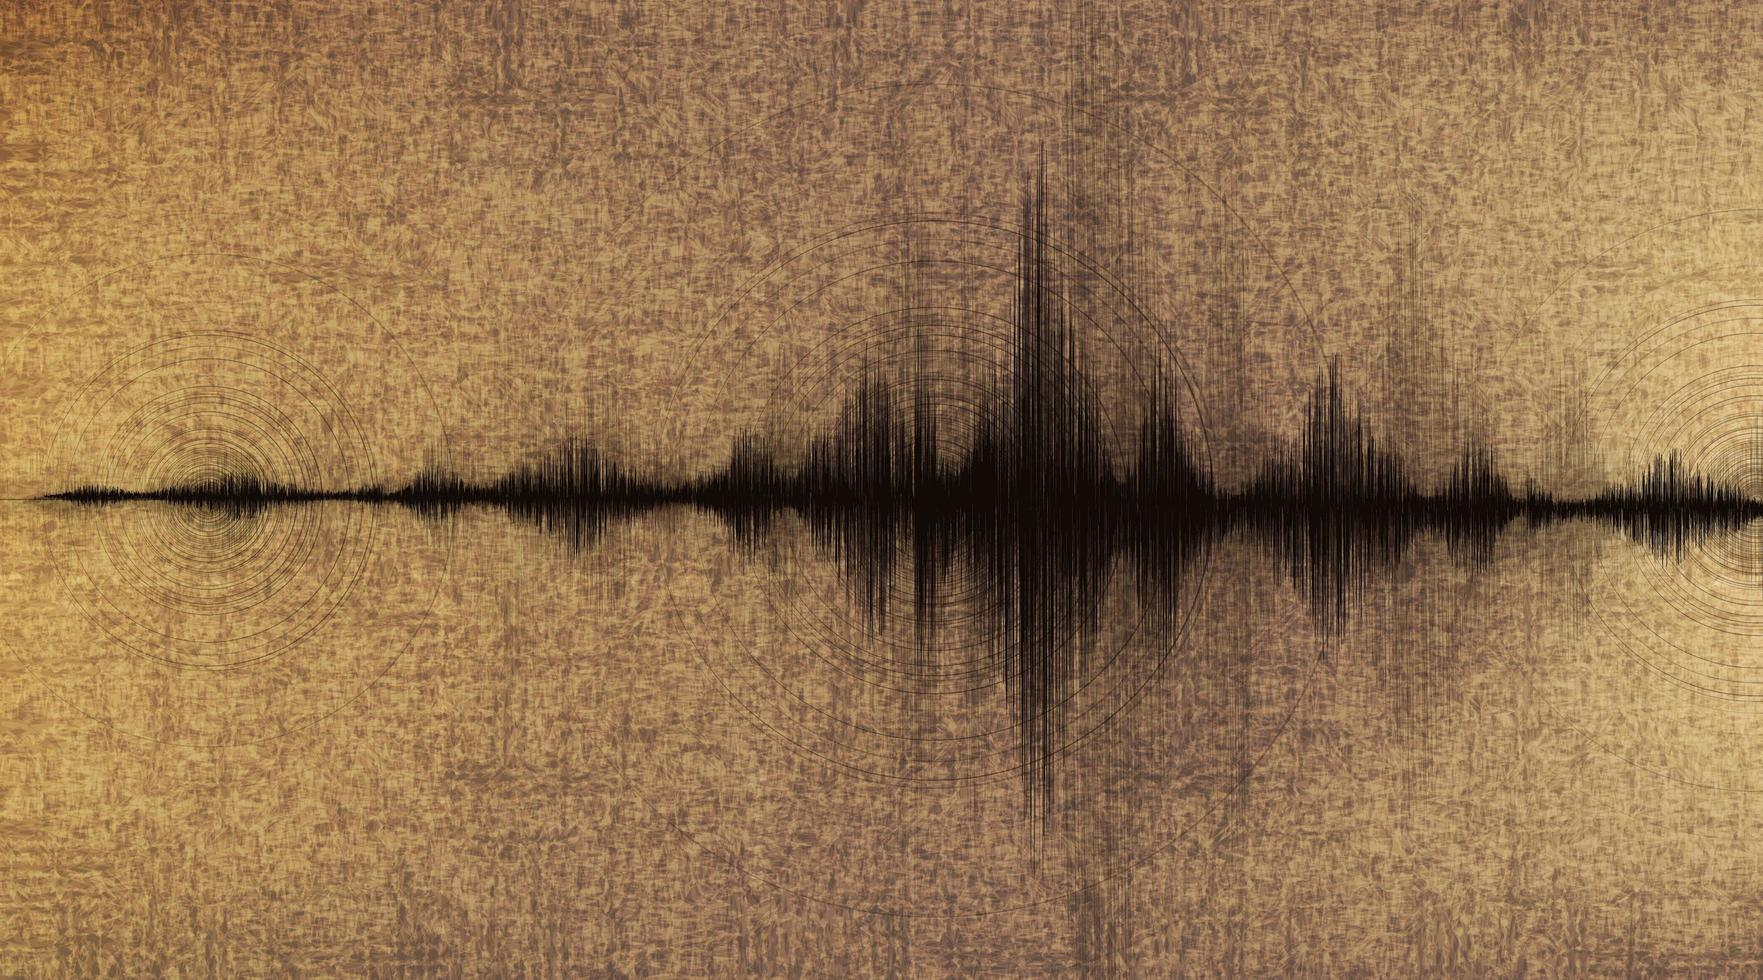 aardbeving golf laag en hoog schaal van richter met cirkel trillingen op oud papier achtergrond vector